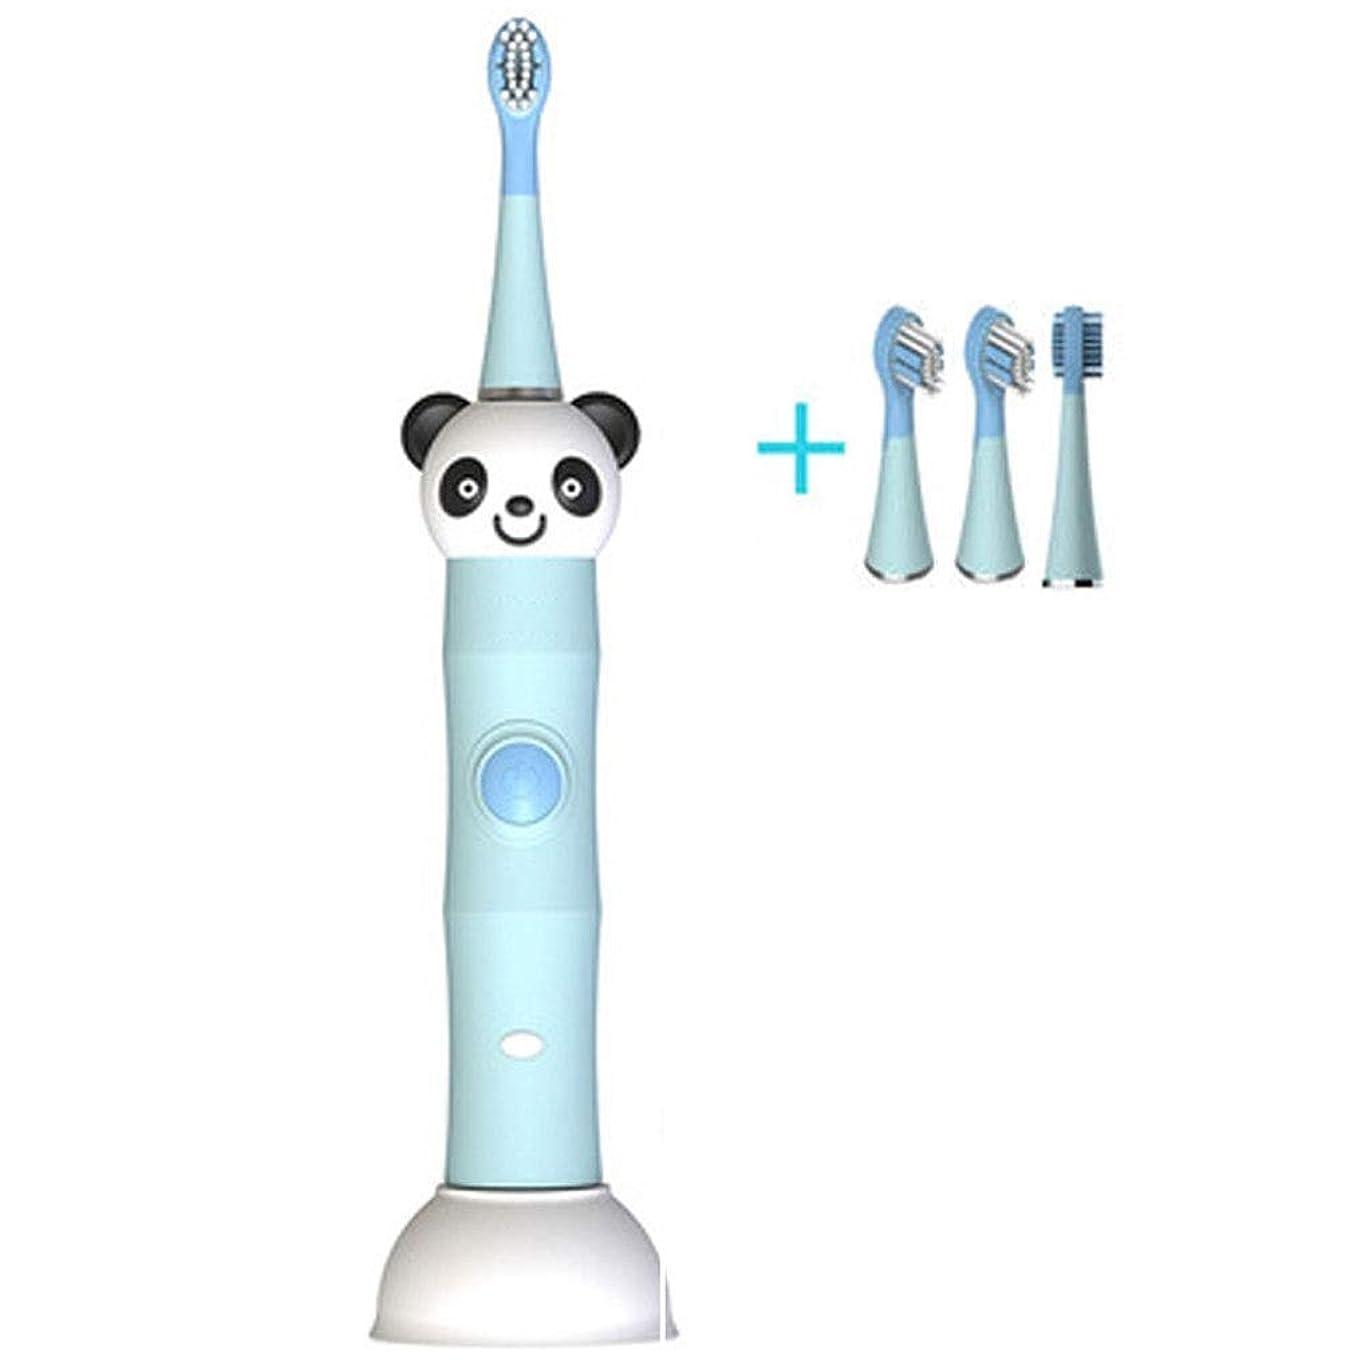 間接的暴徒振幅DMIZ 電動歯ブラシ、交換可能な2つのブラシヘッドを備えた音波歯ブラシ、ワンボタン制御、低ノイズ、誘導充電、防水型IPX7、デュポンソフトブラシ、31000振動、子供用